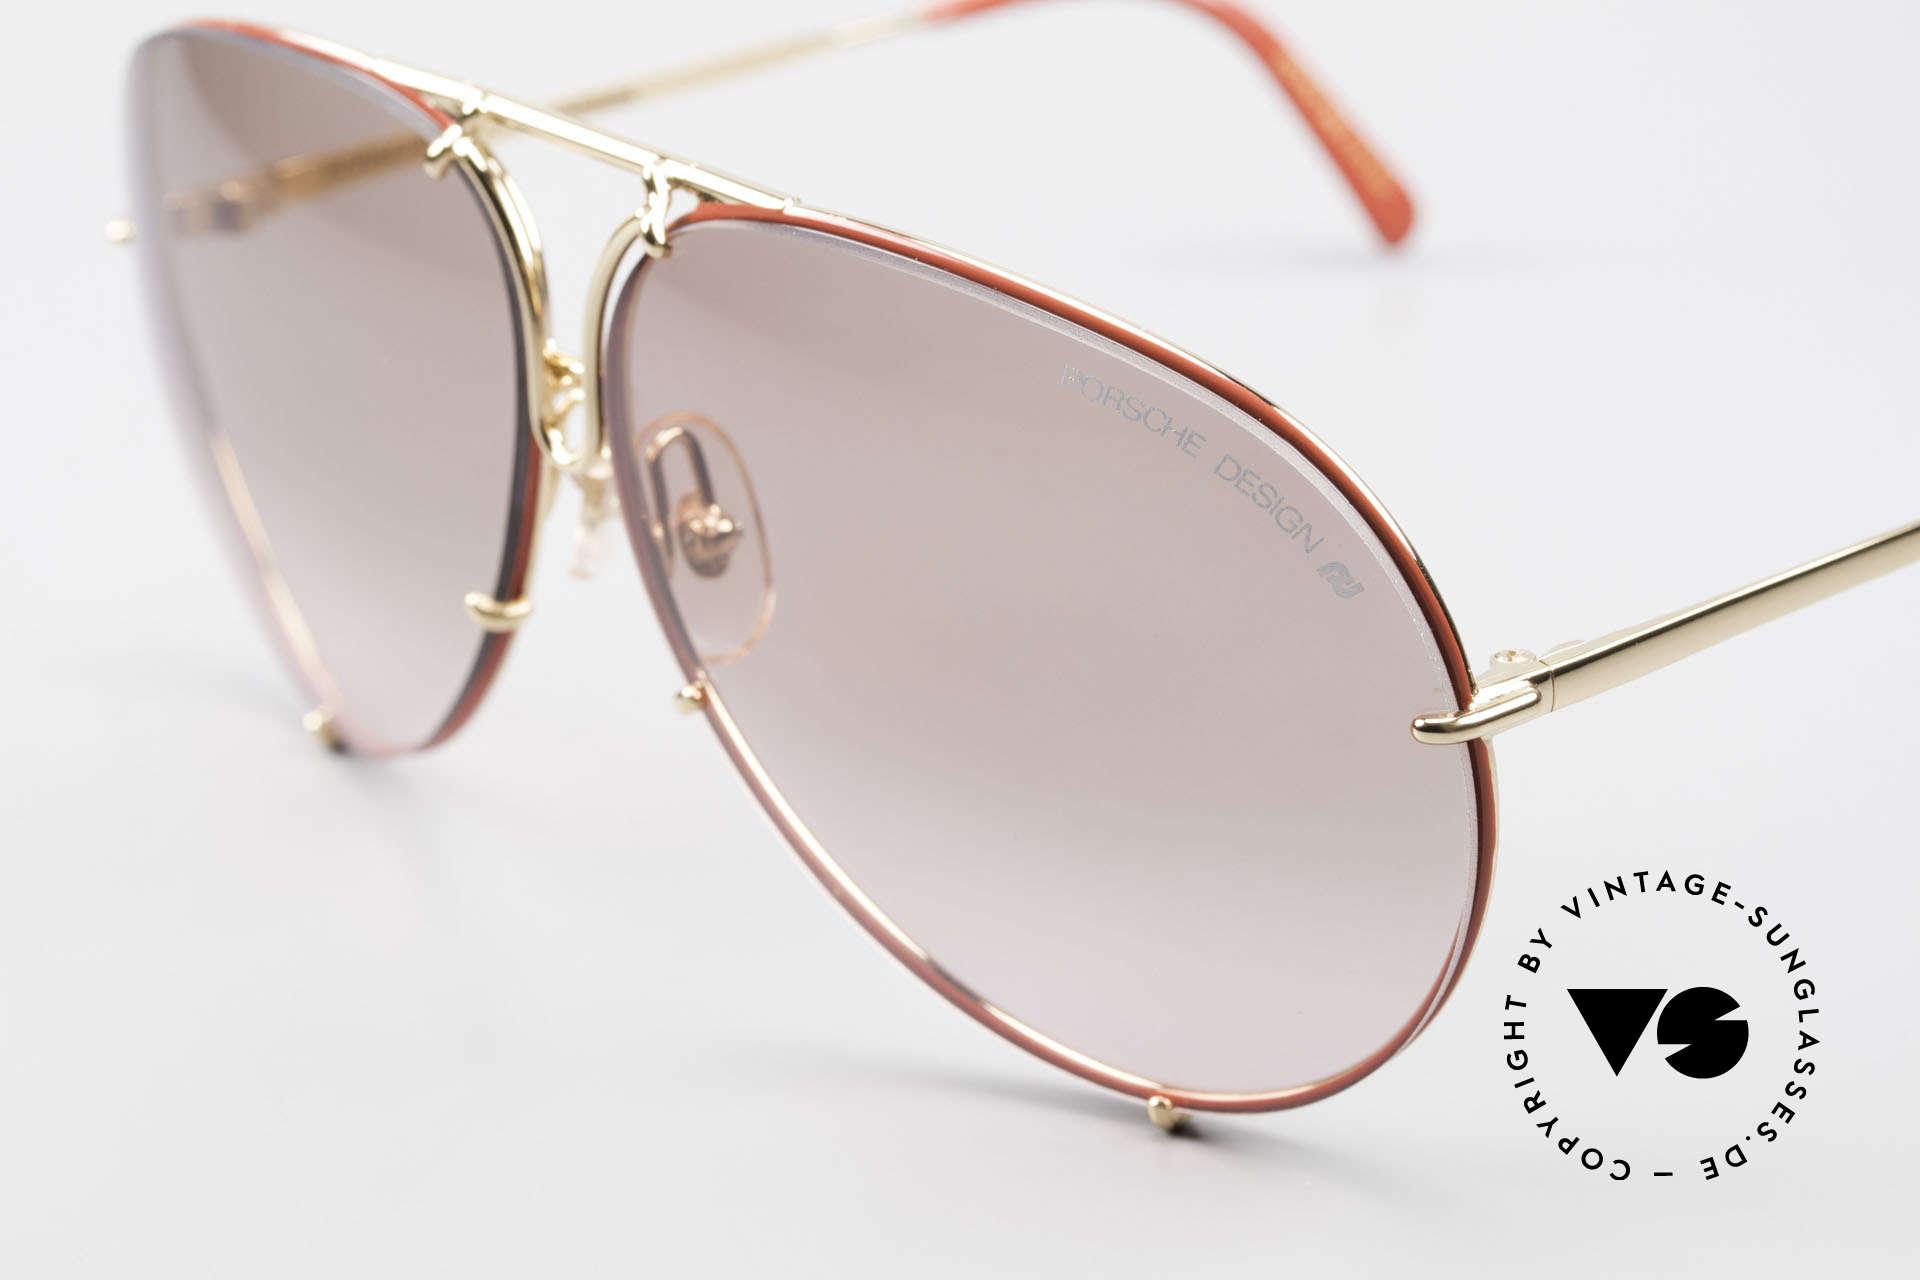 Porsche 5621 Rare 80er Brille Sonderedition, legendäre Bestseller-Sonnenbrille aus den 1980ern, Passend für Herren und Damen